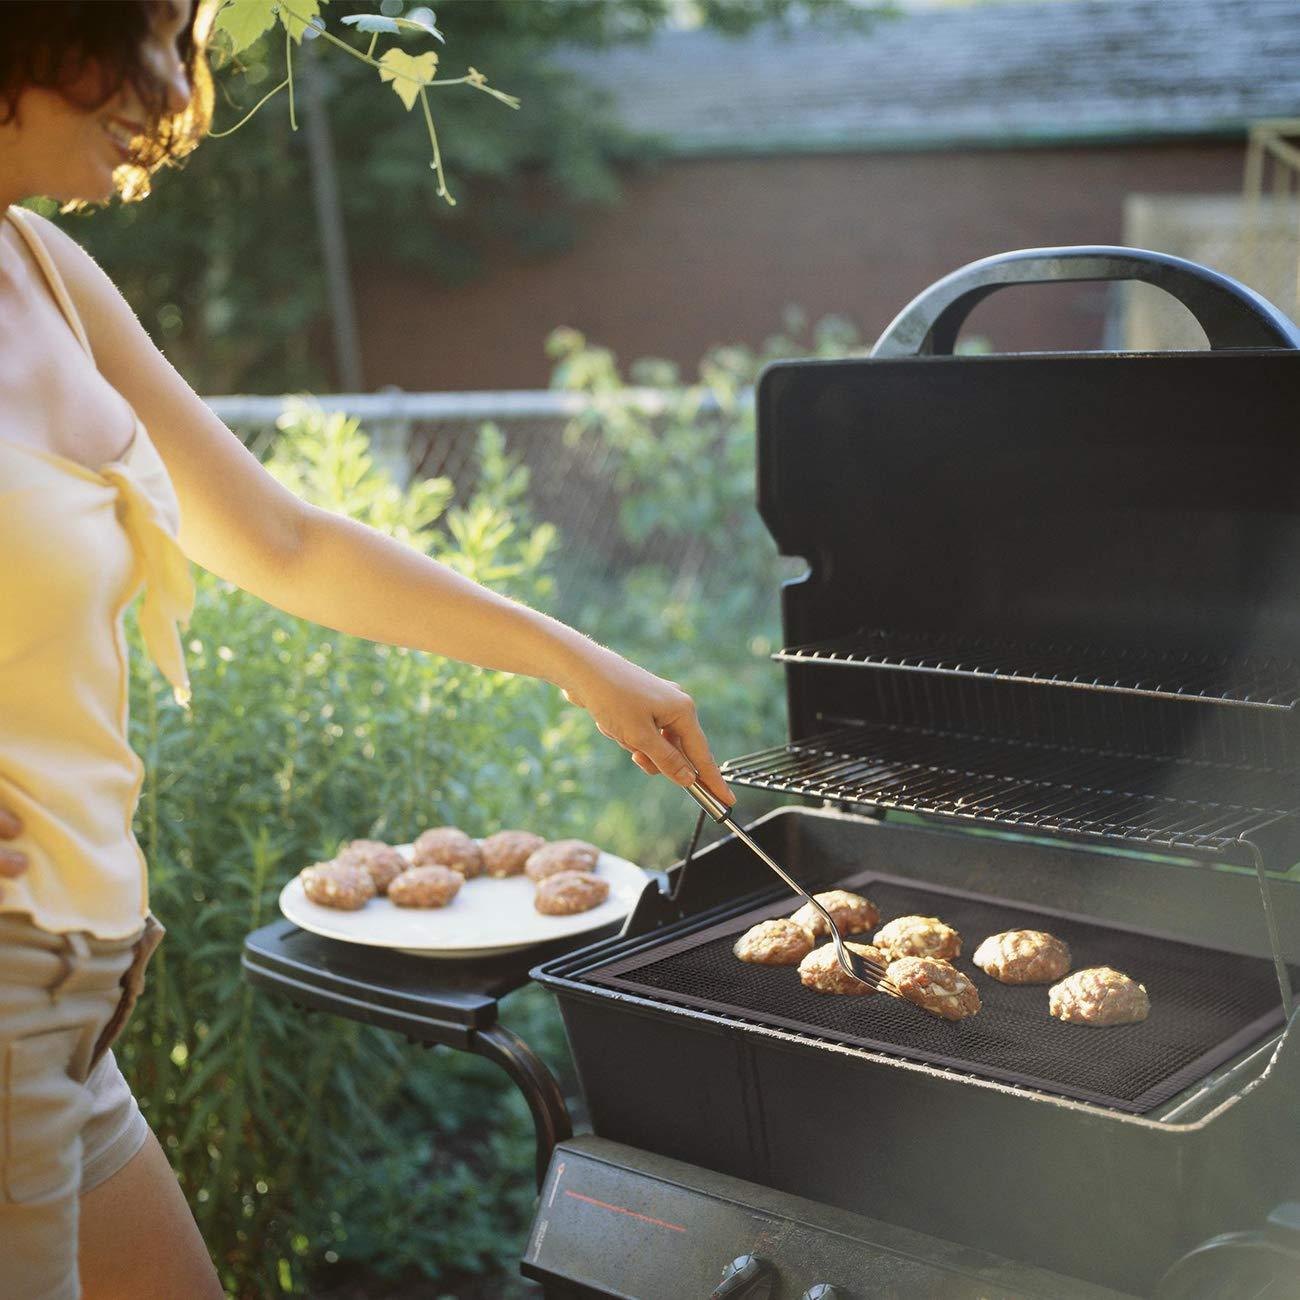 Lot de 3 Tapis de grille pour barbecue anti adhsif